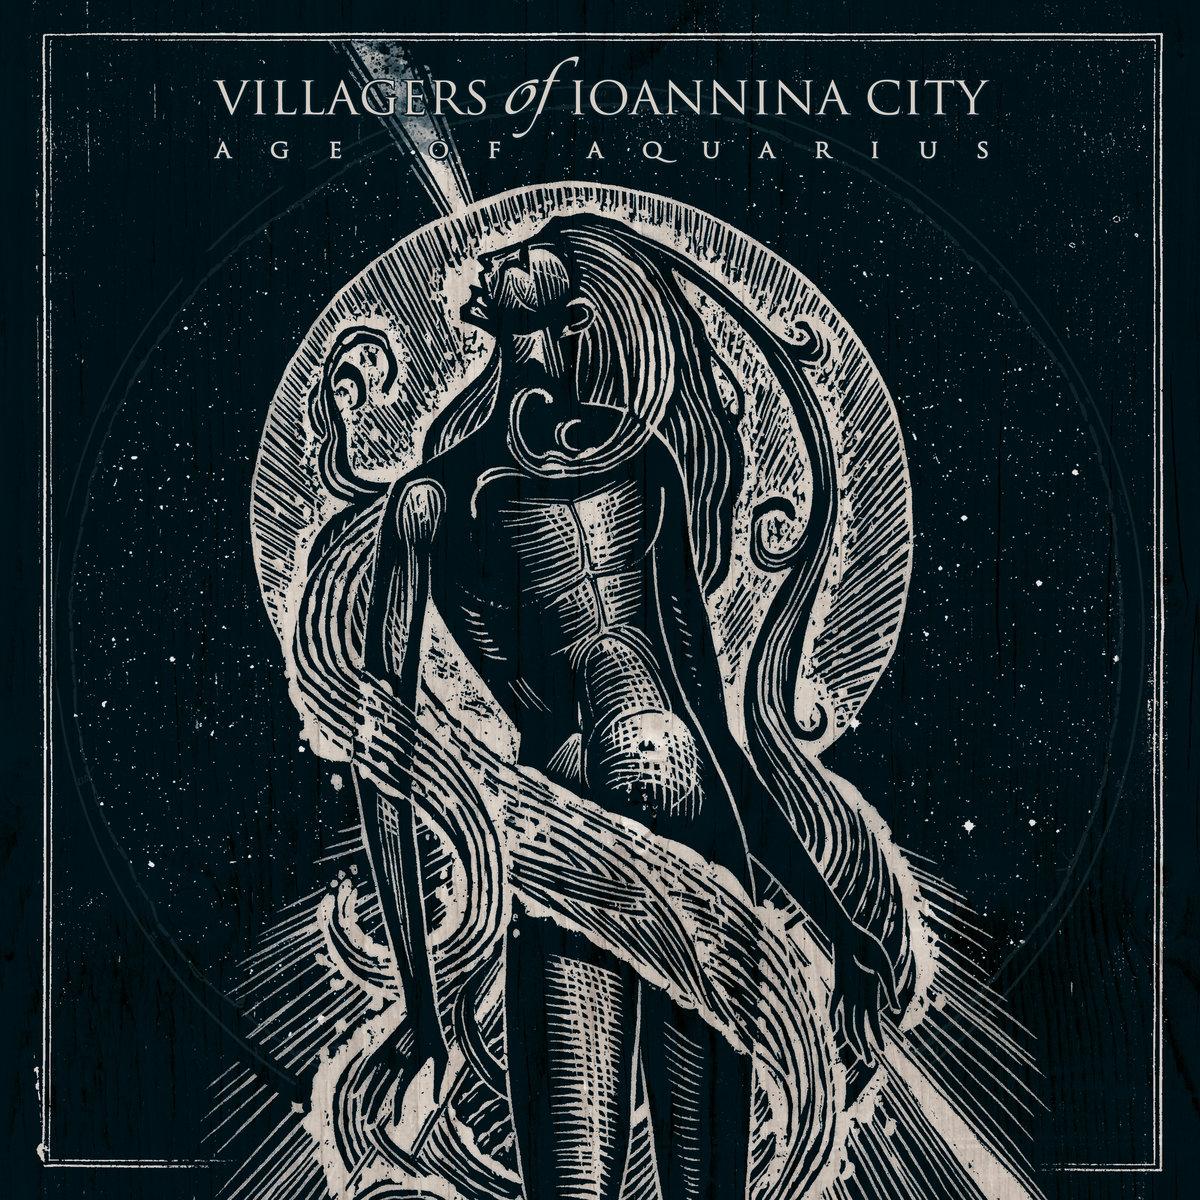 Villagers of Ioannina City: Age of Aquarius